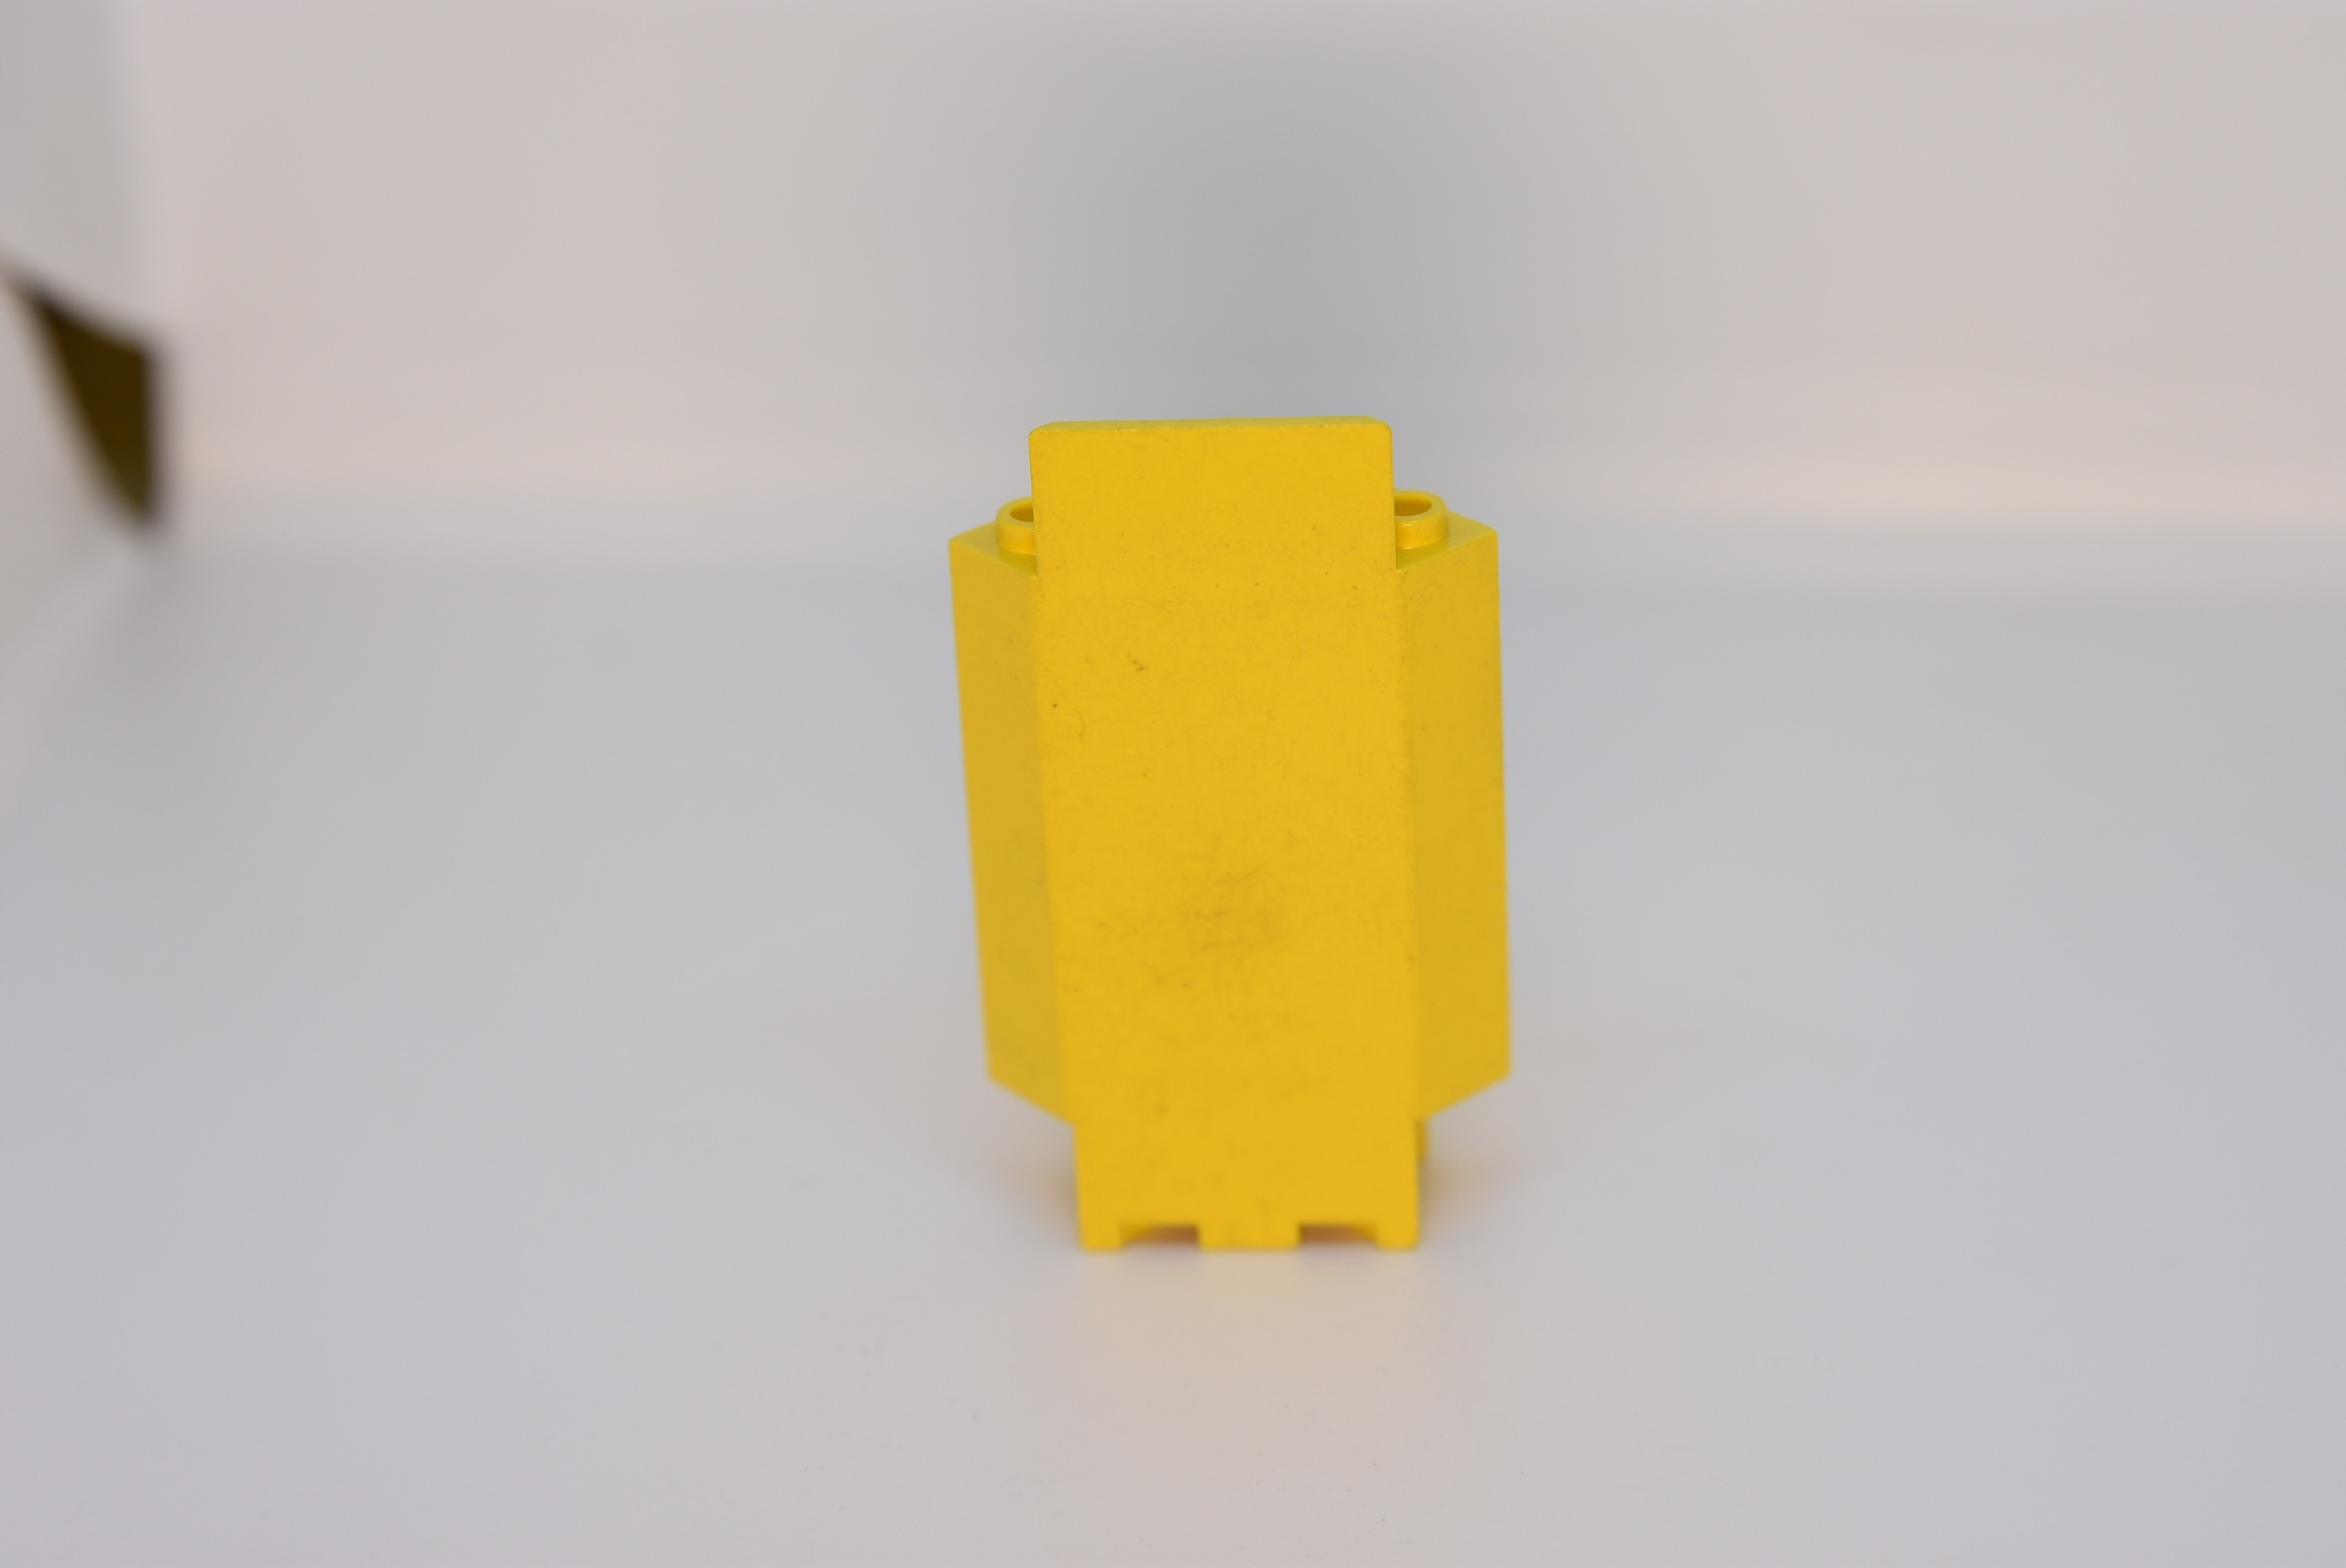 Lego mur ściana panel narożny 2345 żółty